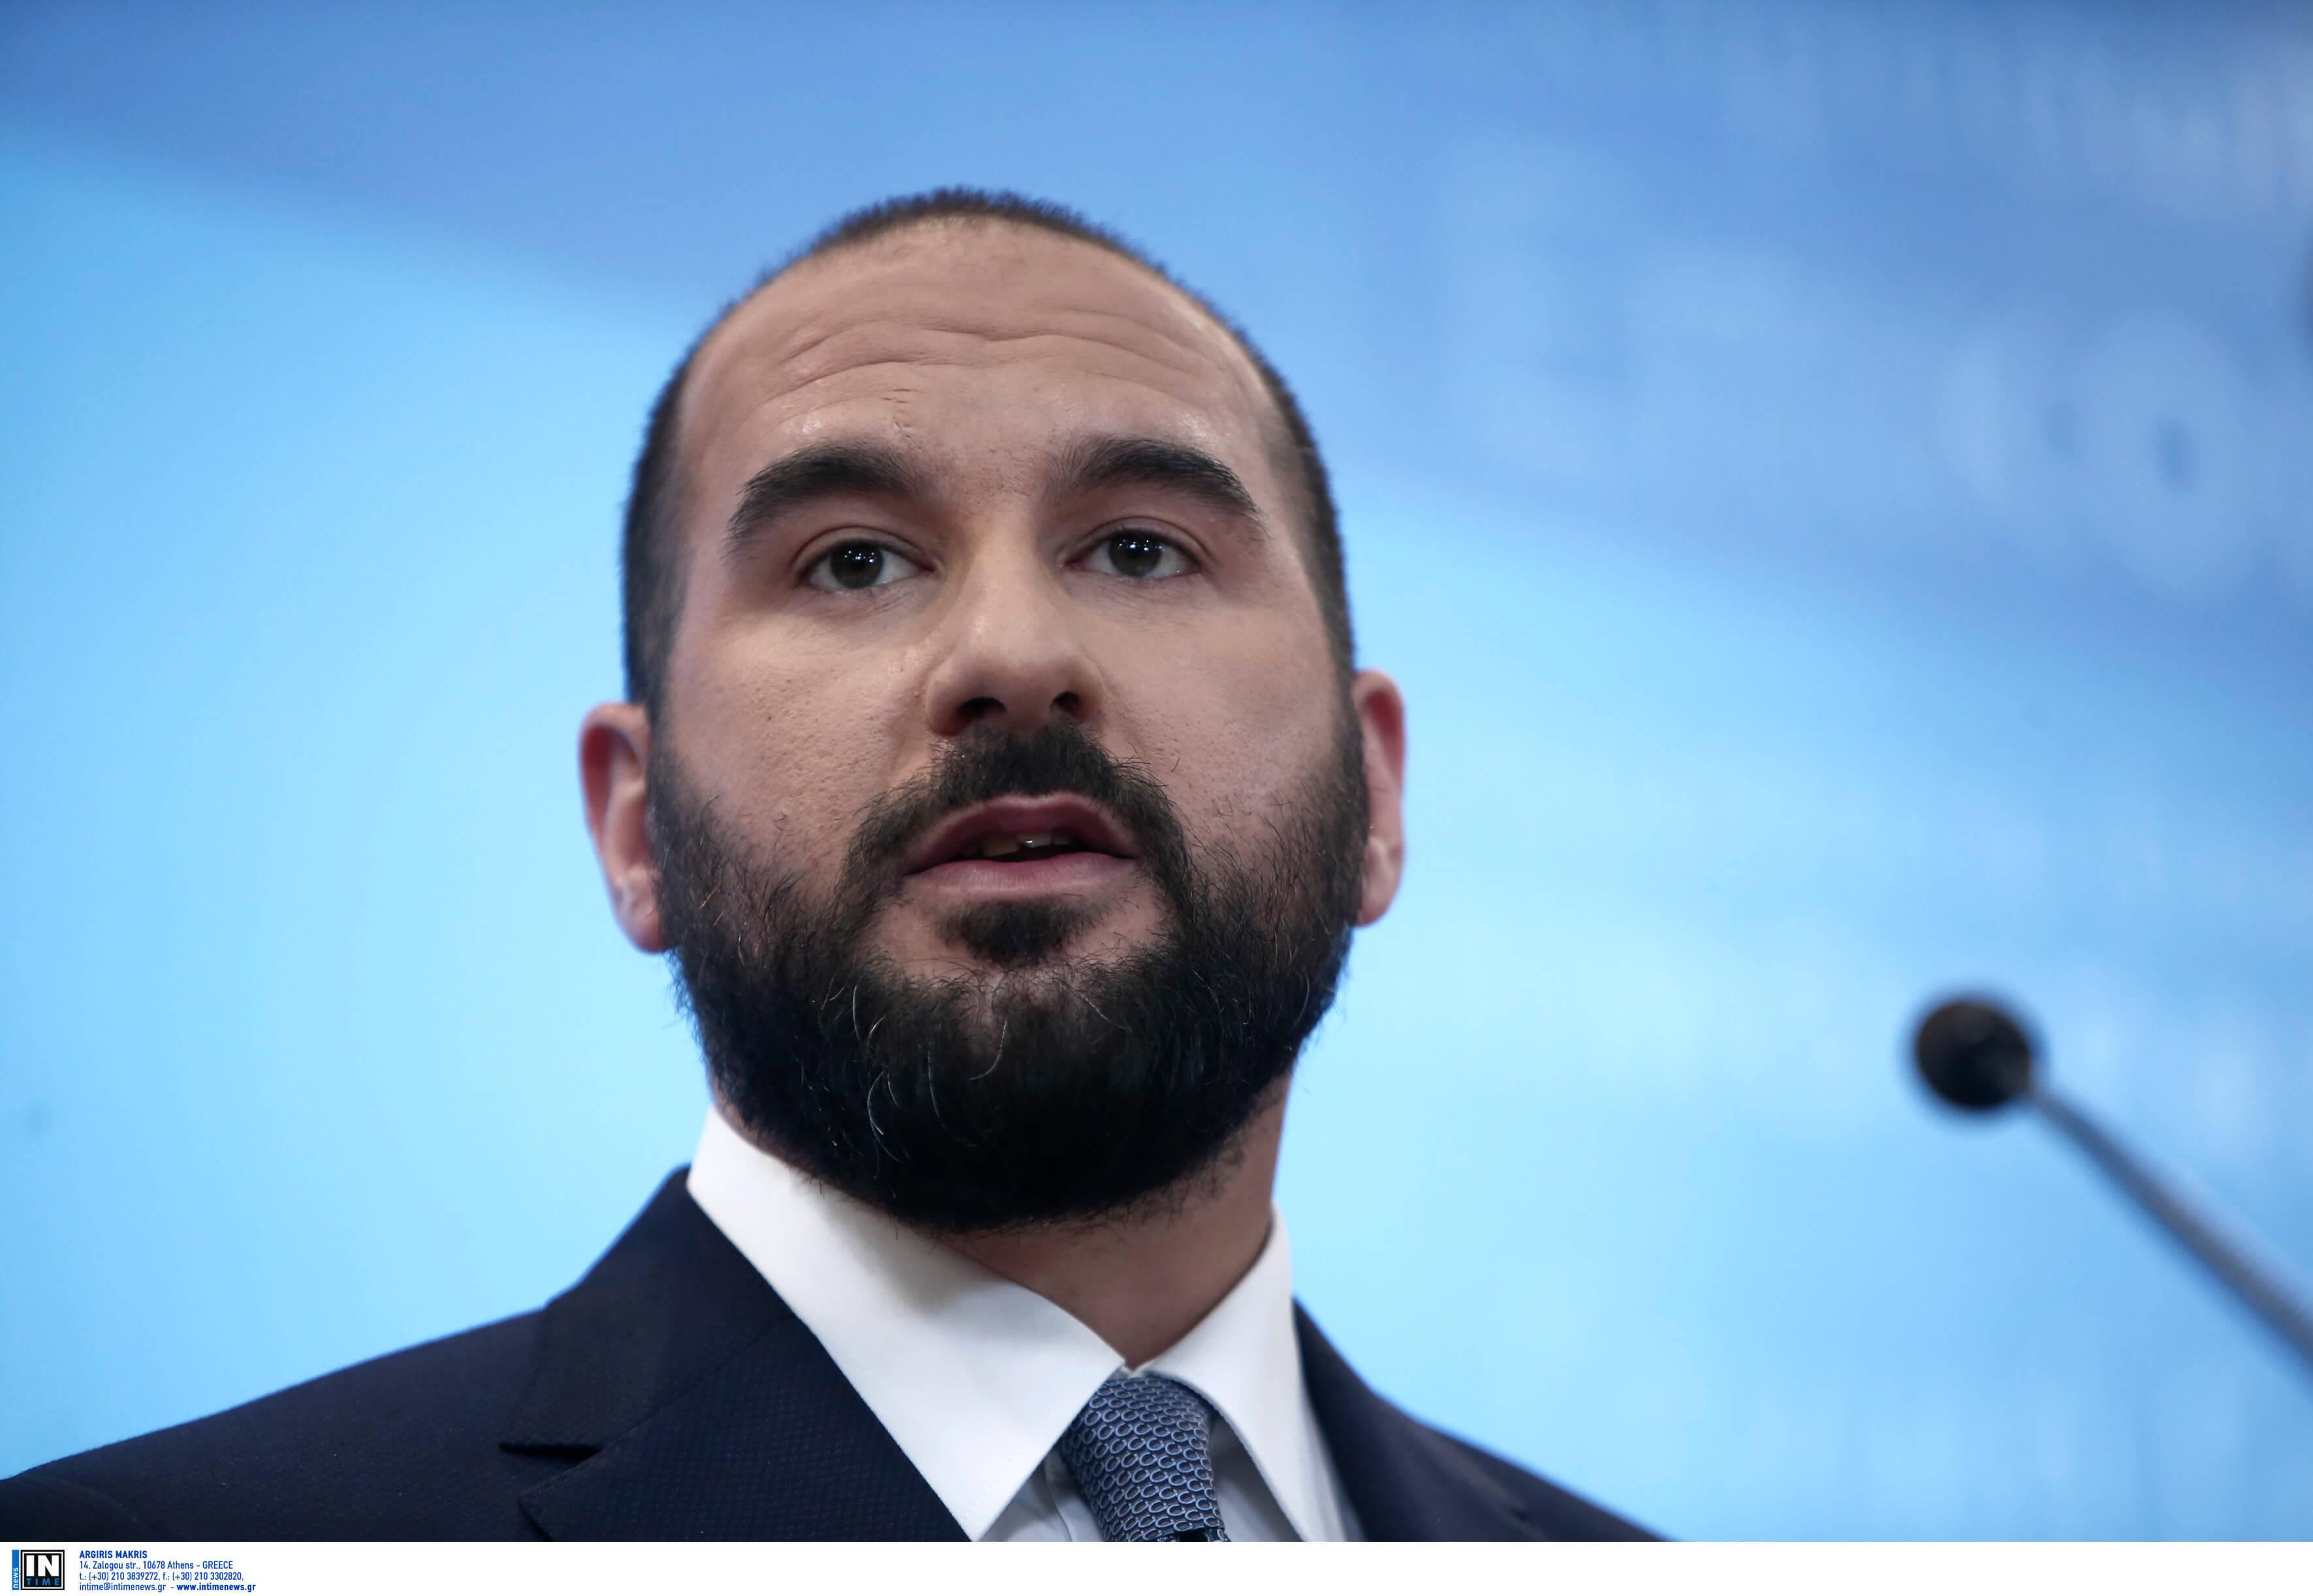 Τζανακόπουλος: Ο ΣΥΡΙΖΑ δεν έχει υποστεί στρατηγική ήττα – Περιμένουμε τα επίσημα αποτελέσματα